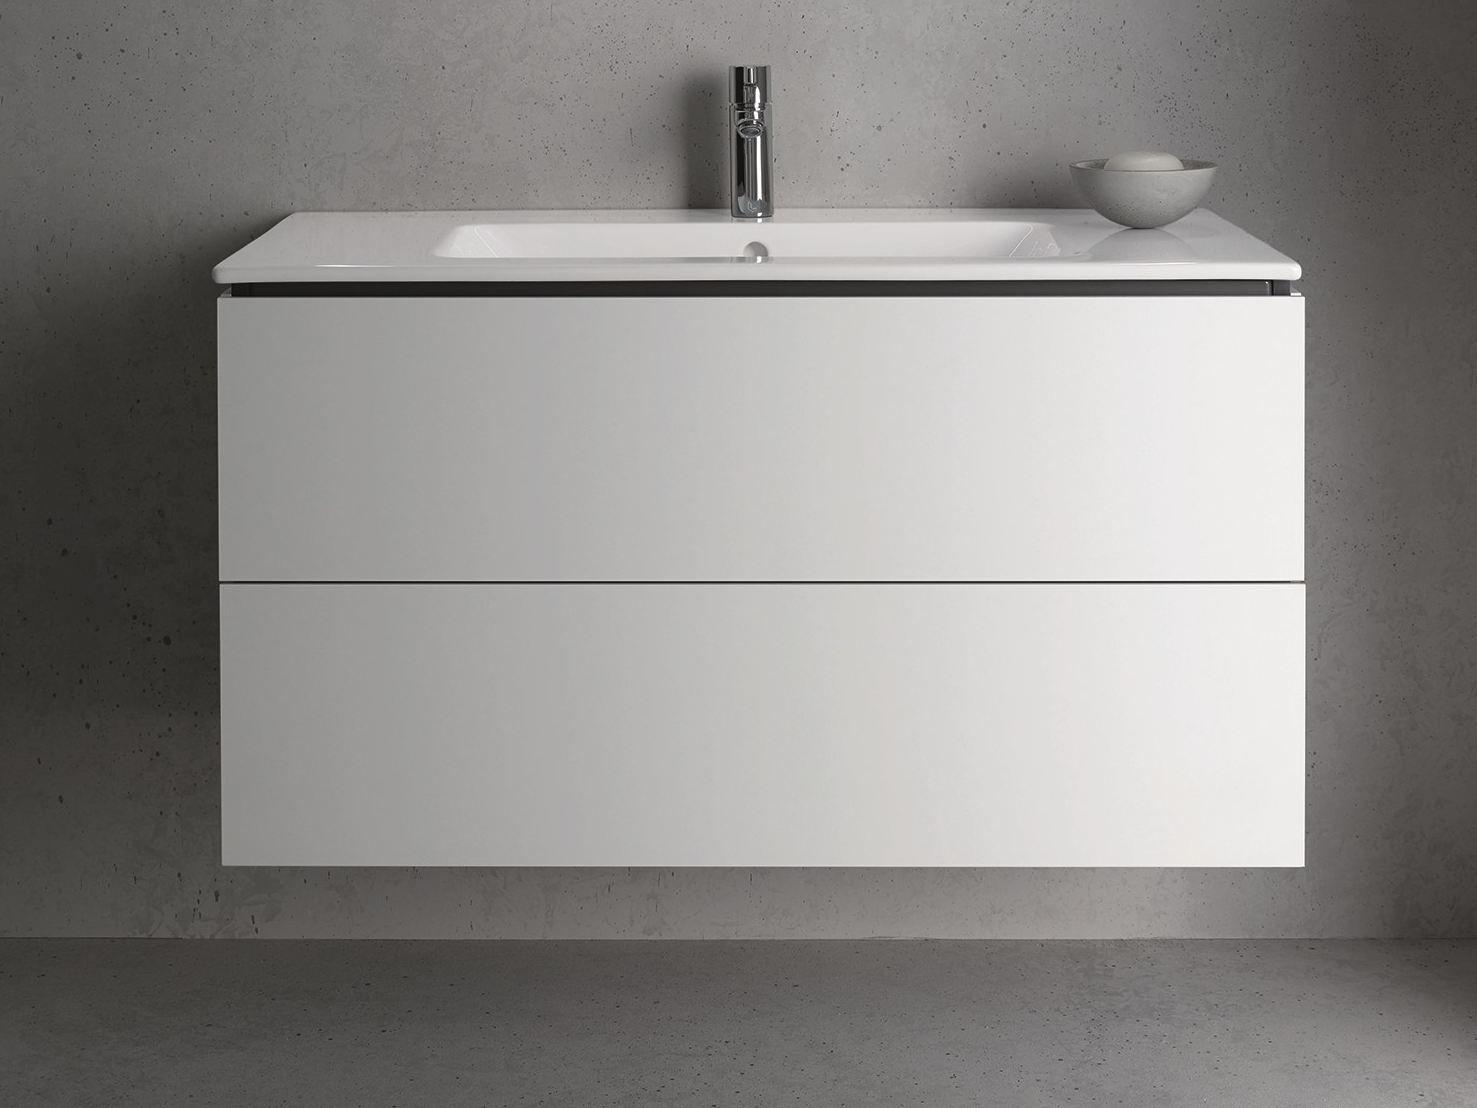 me rechteckiges waschbecken italia waschtisch und waschbecken. Black Bedroom Furniture Sets. Home Design Ideas